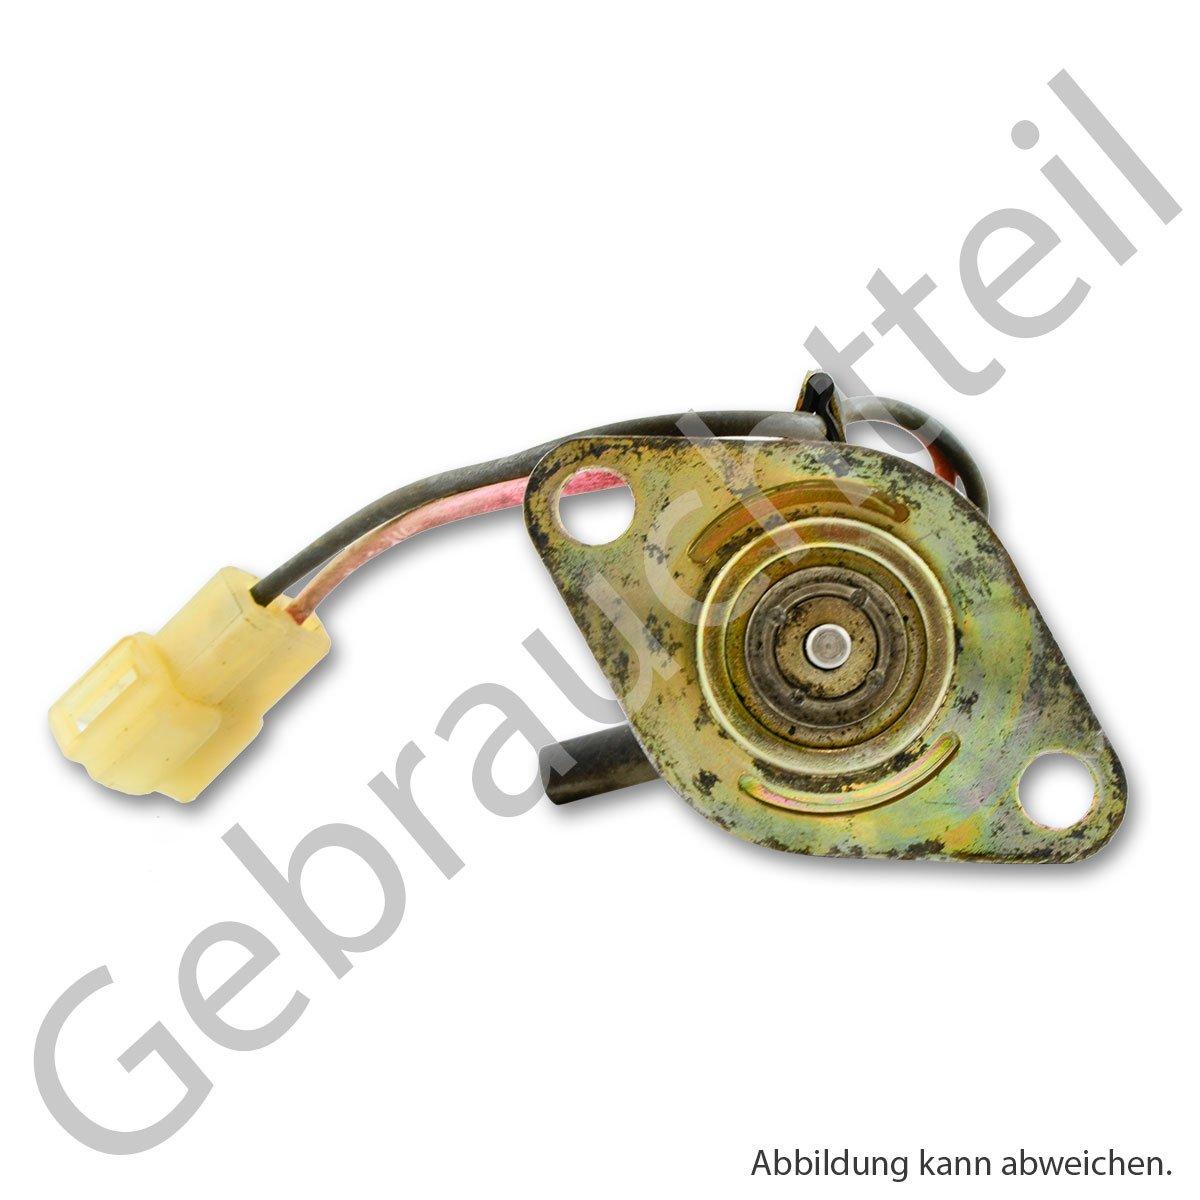 Magnetschalter Schnellstopdüse zur Einspritzpumpe passend für Iseki Motoren  E380, E390, E3100, E3112, E3CC, E3CD und E3CE ( Gebrauchtes Originalteil )